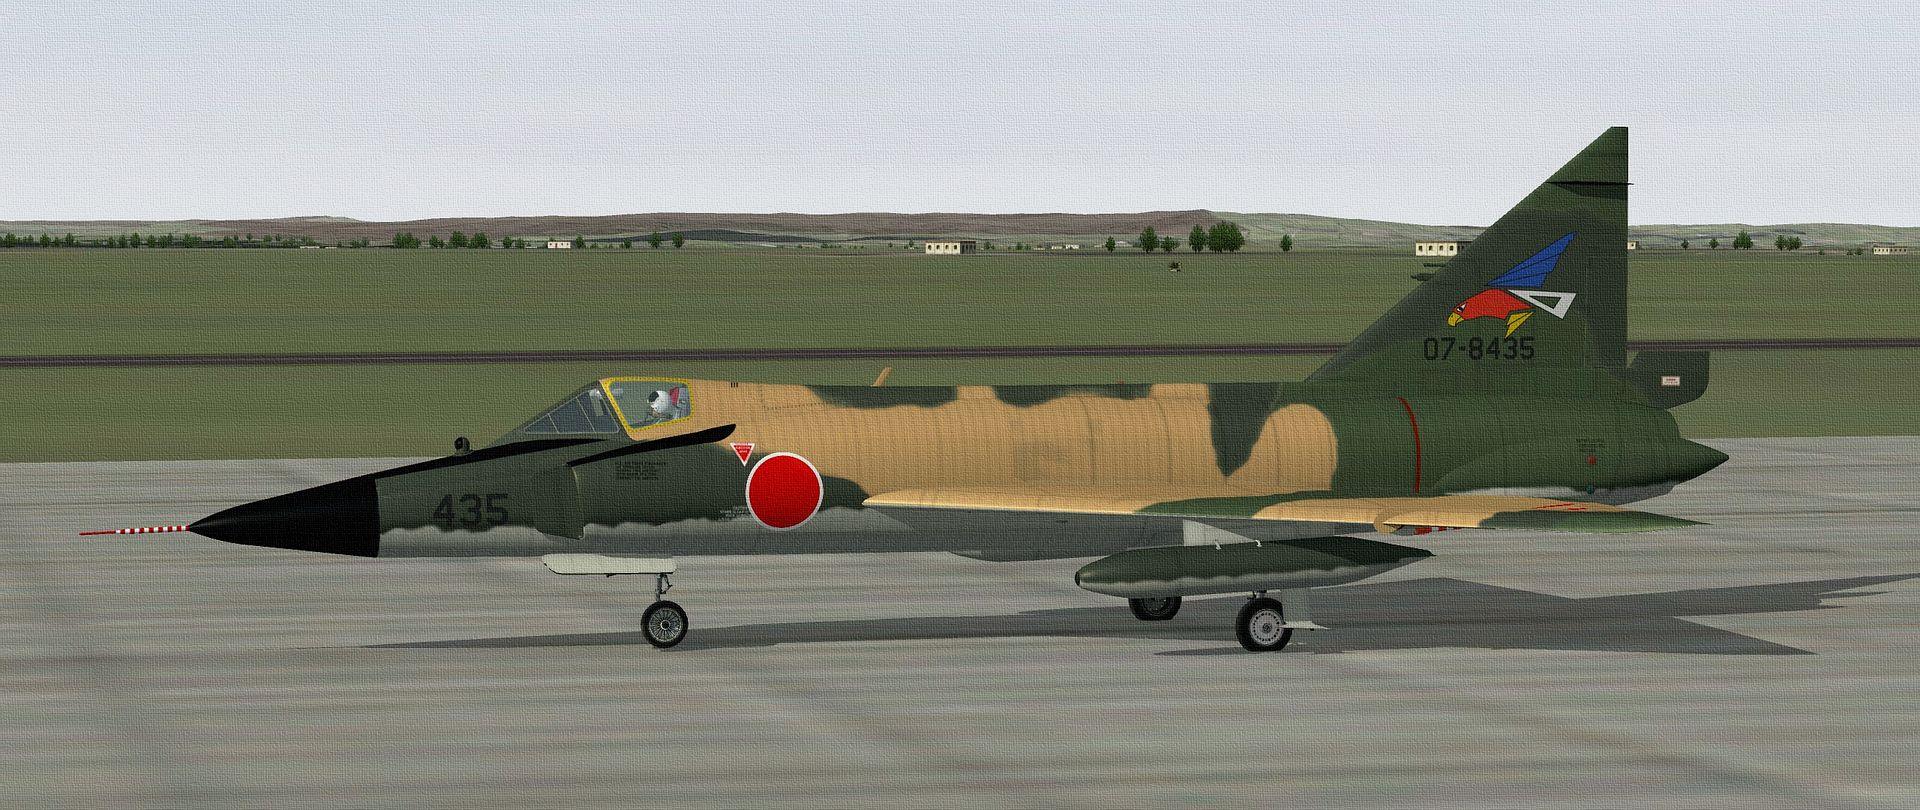 JASDF%20F-102A%20DELTA%20DAGGER.10_zpsld